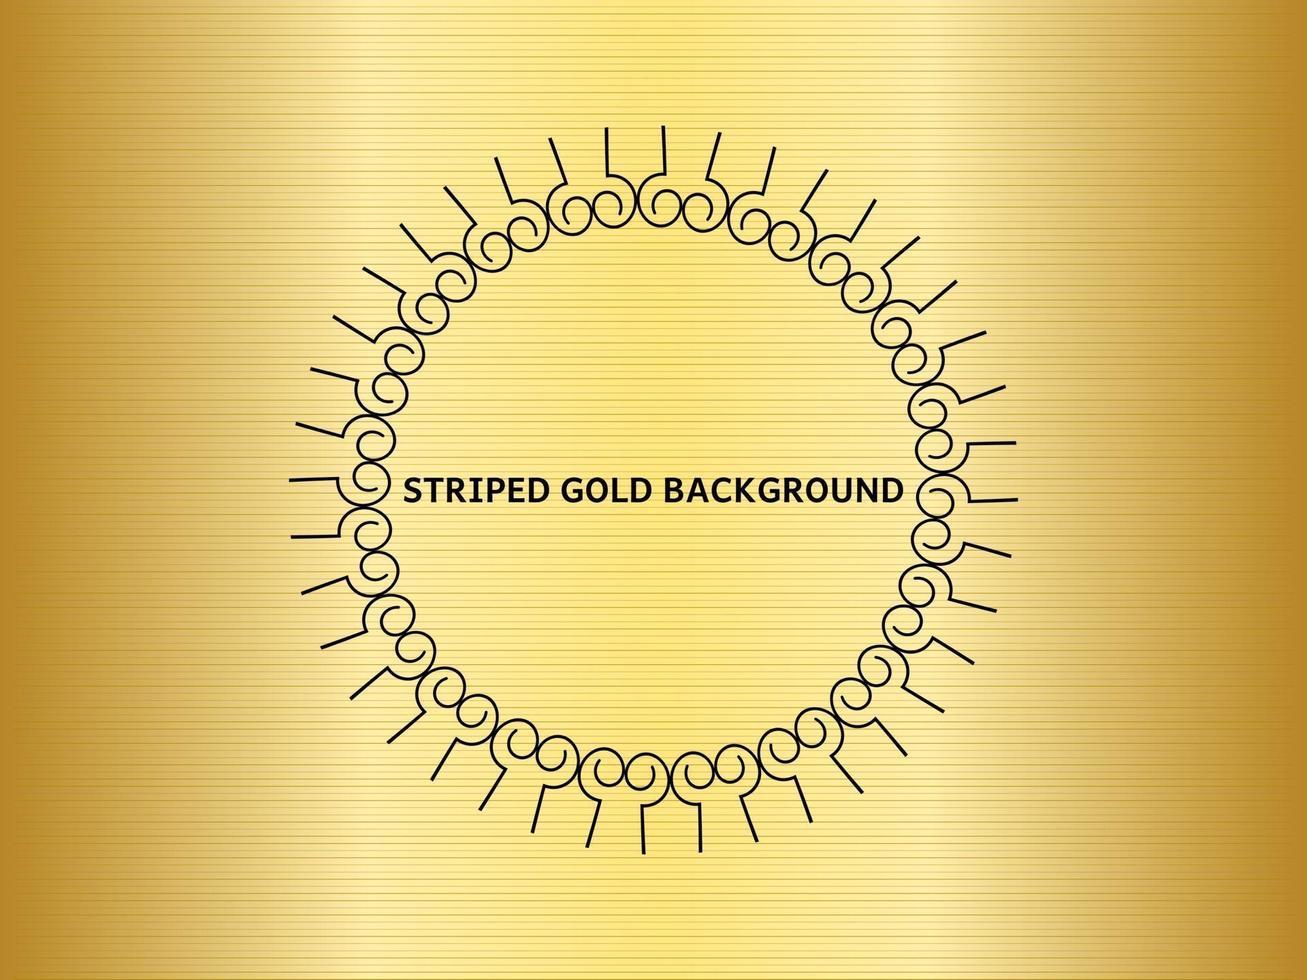 fond d'or avec texture rayée vecteur